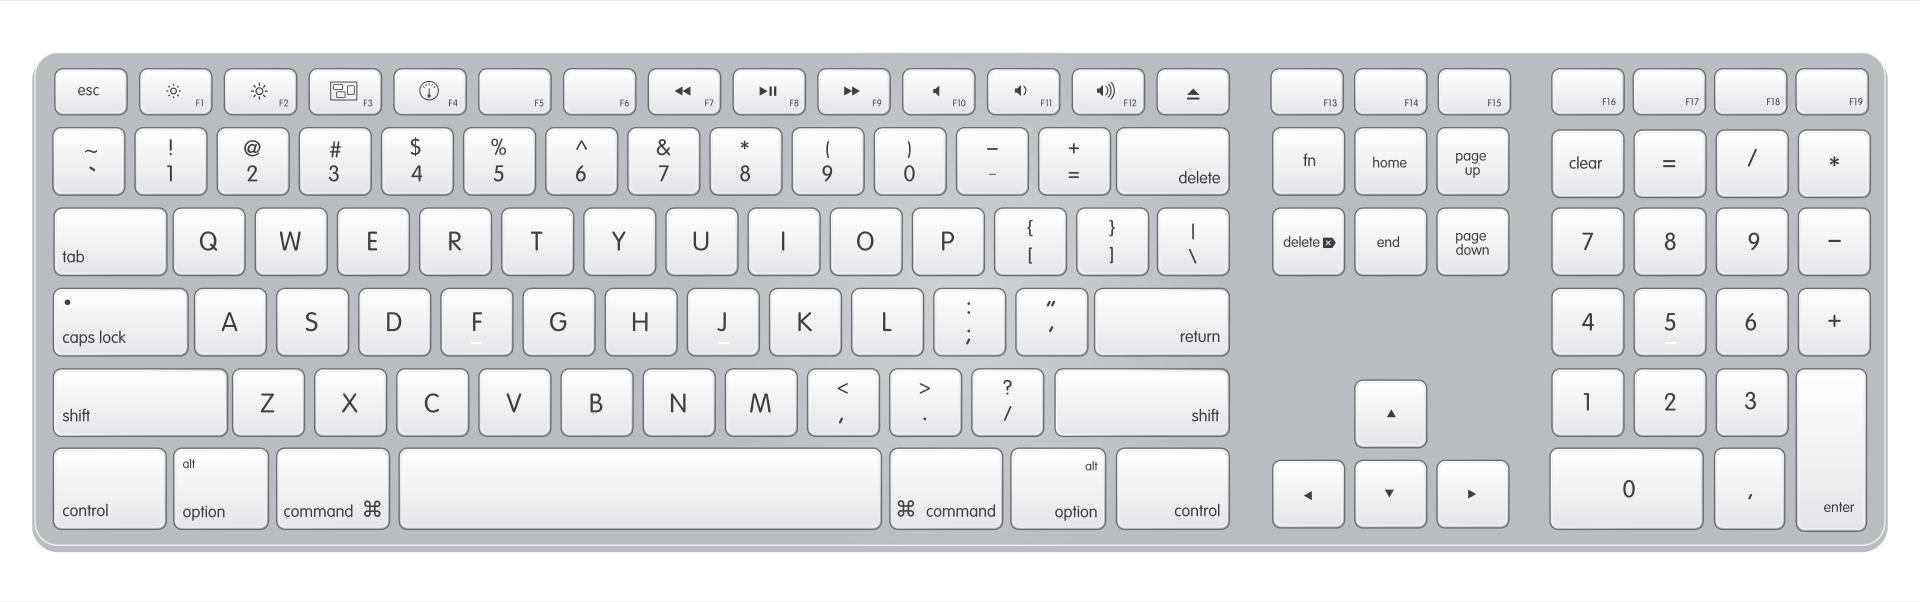 Printable Keyboard Template